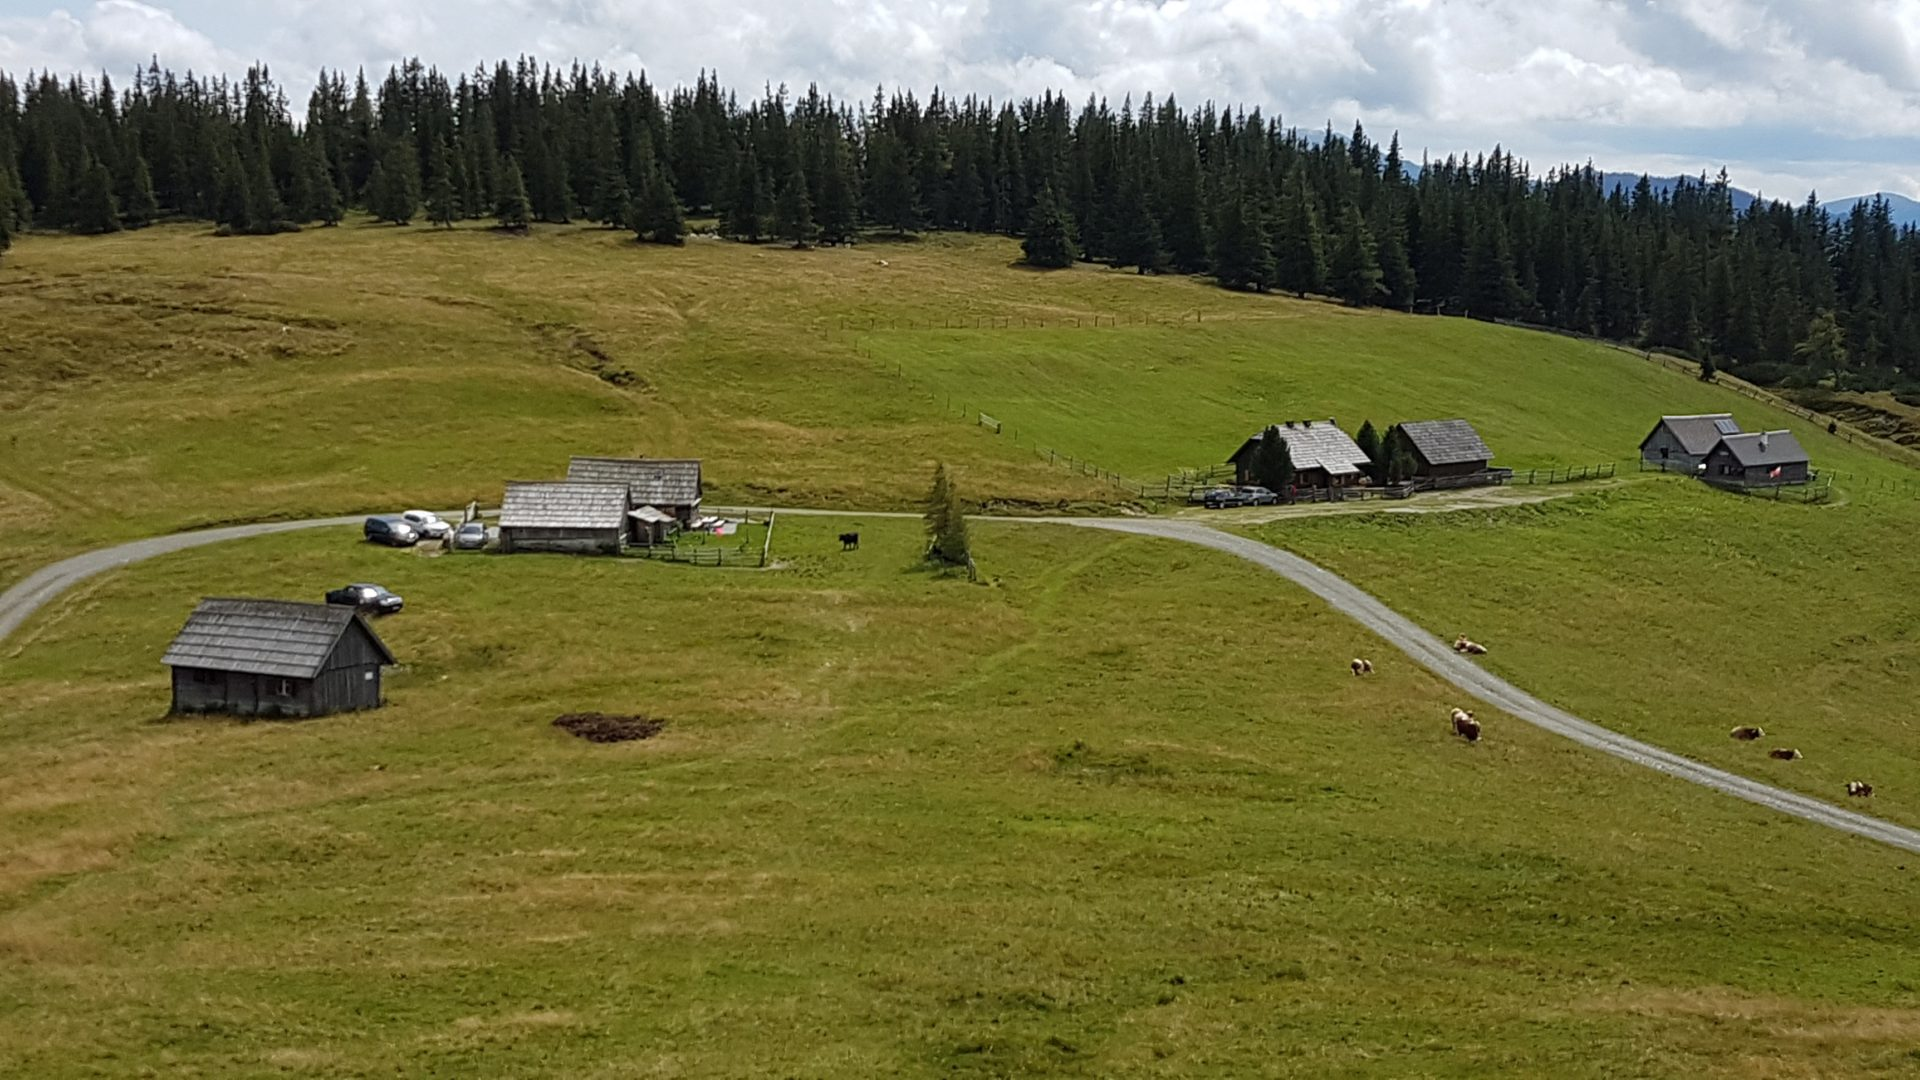 Wagenbänkalm Lahngangkogel Privatzimmer und Ferienwohnungen Gassner Nationalpark Gesäuse